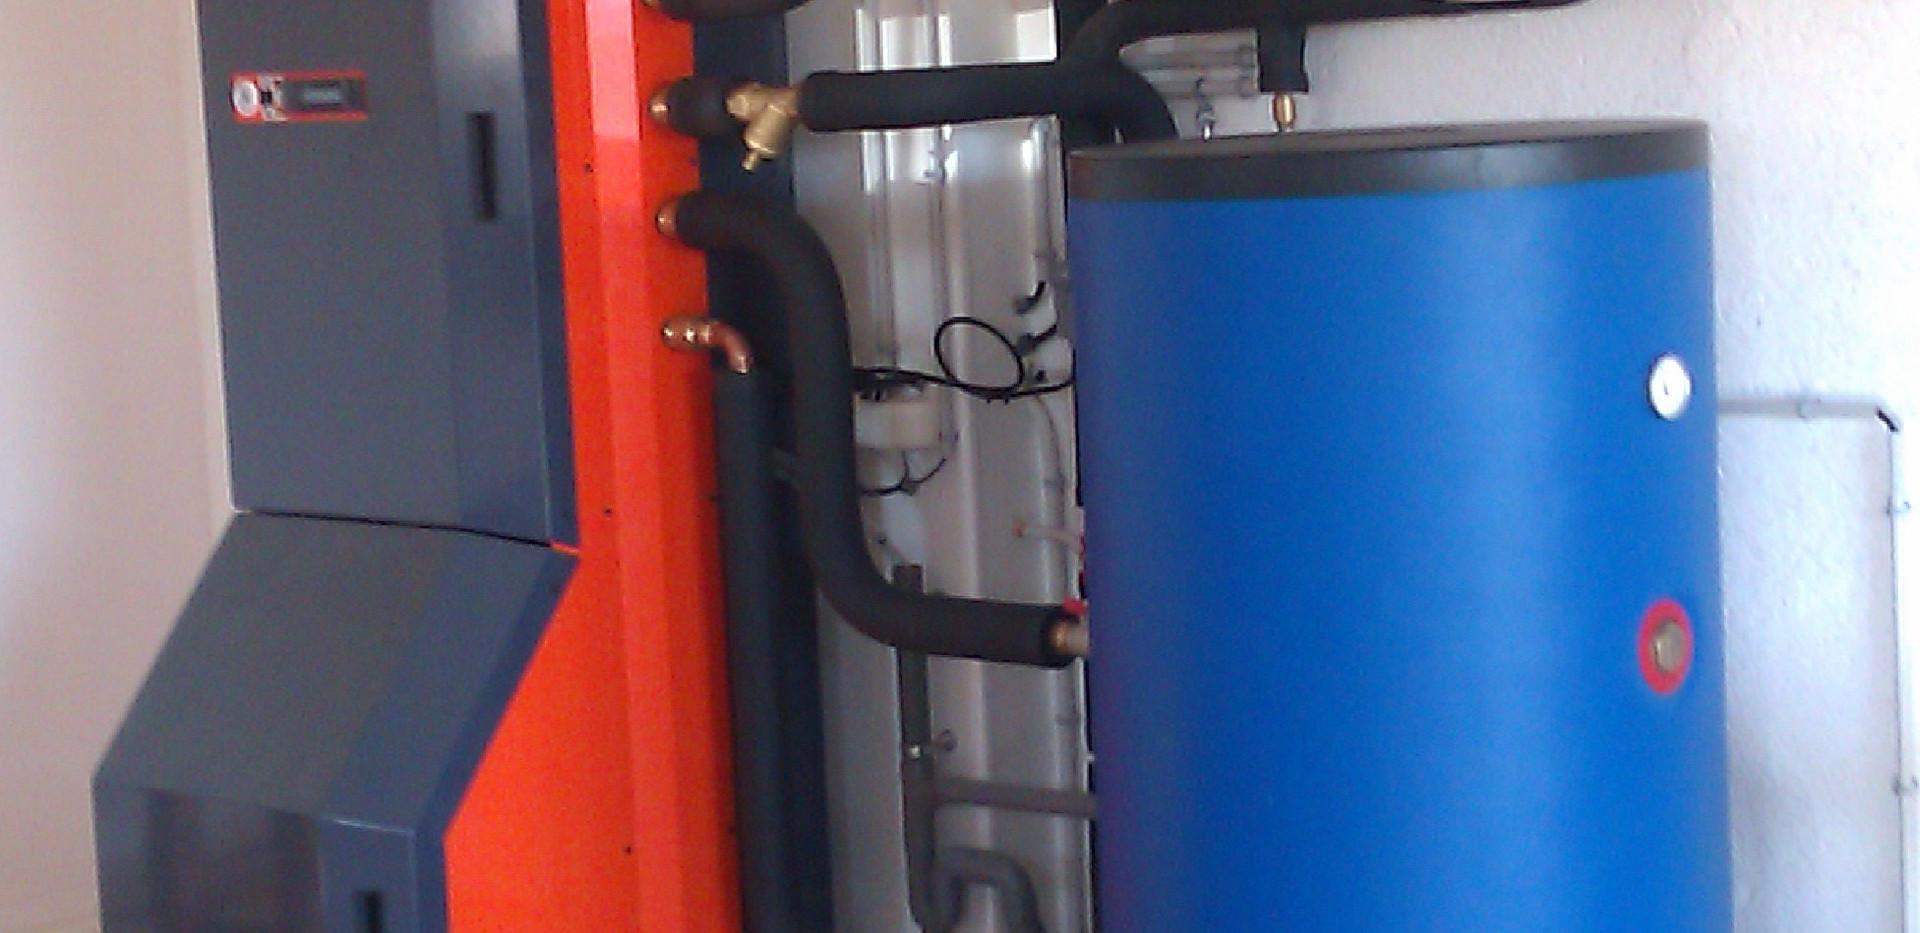 Pompe à chaleur haute température.